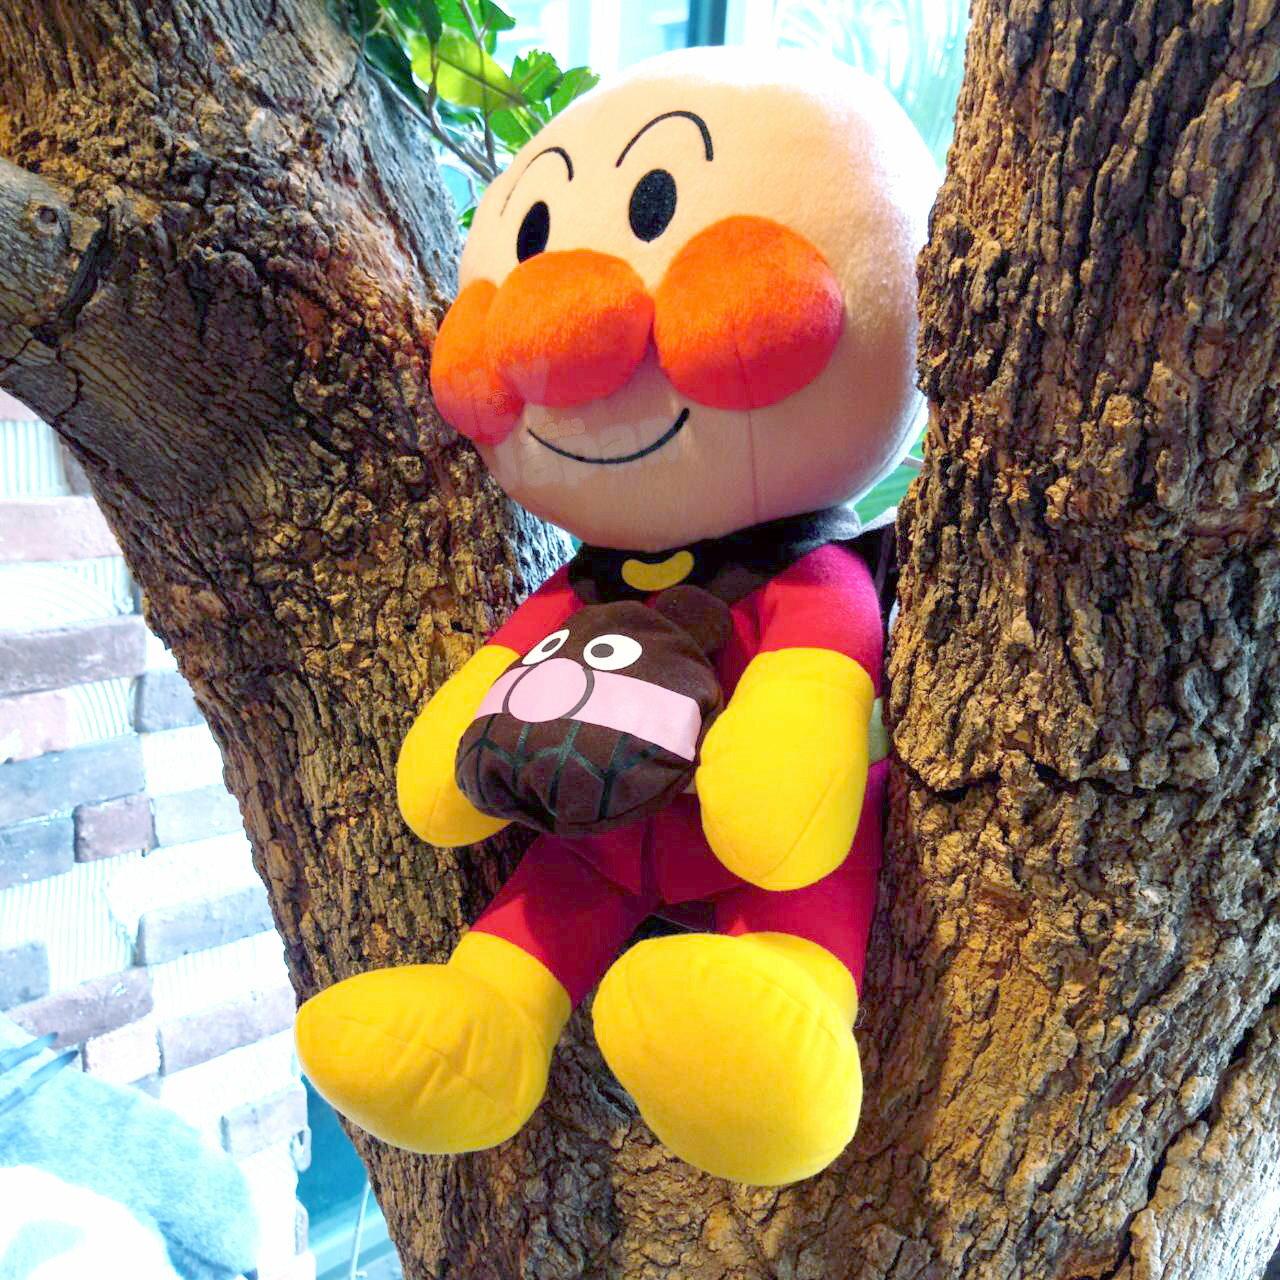 日本限定景品娃 麵包超人 抱細菌人 擺飾 收藏 娃娃 布偶 玩偶 兒童最愛 真愛日本